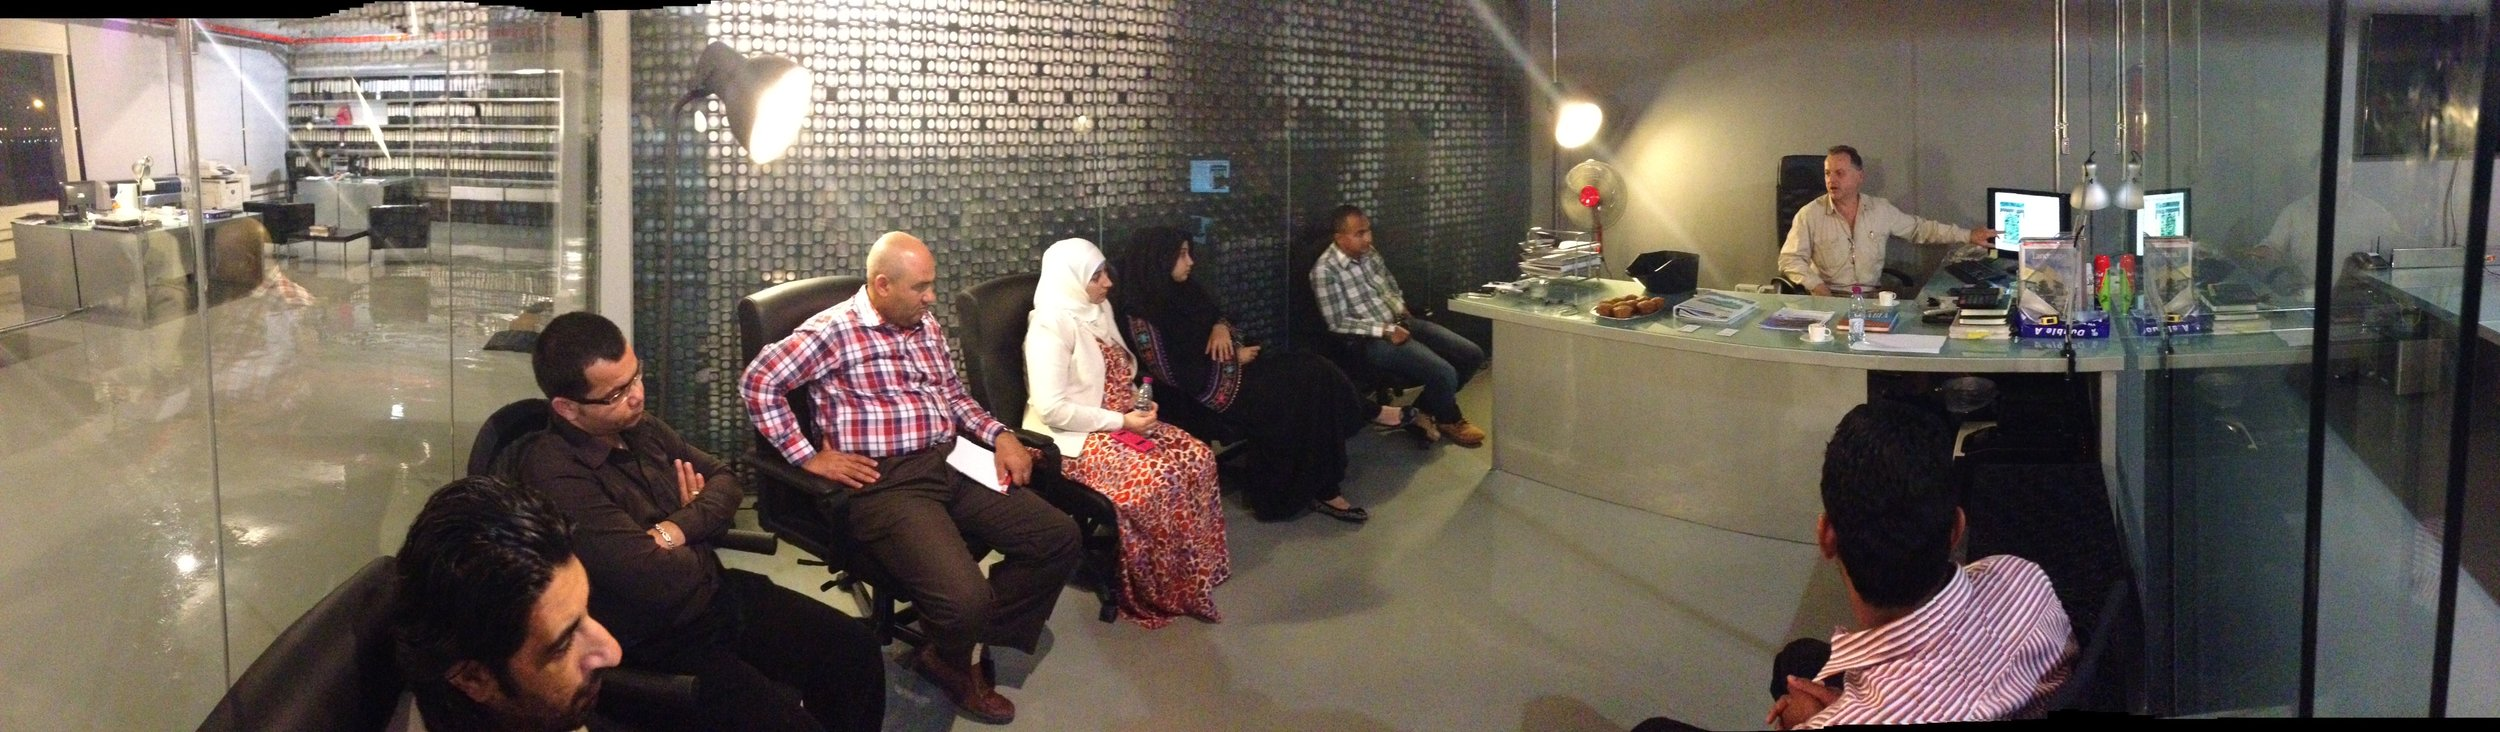 Qatar lecture.jpg